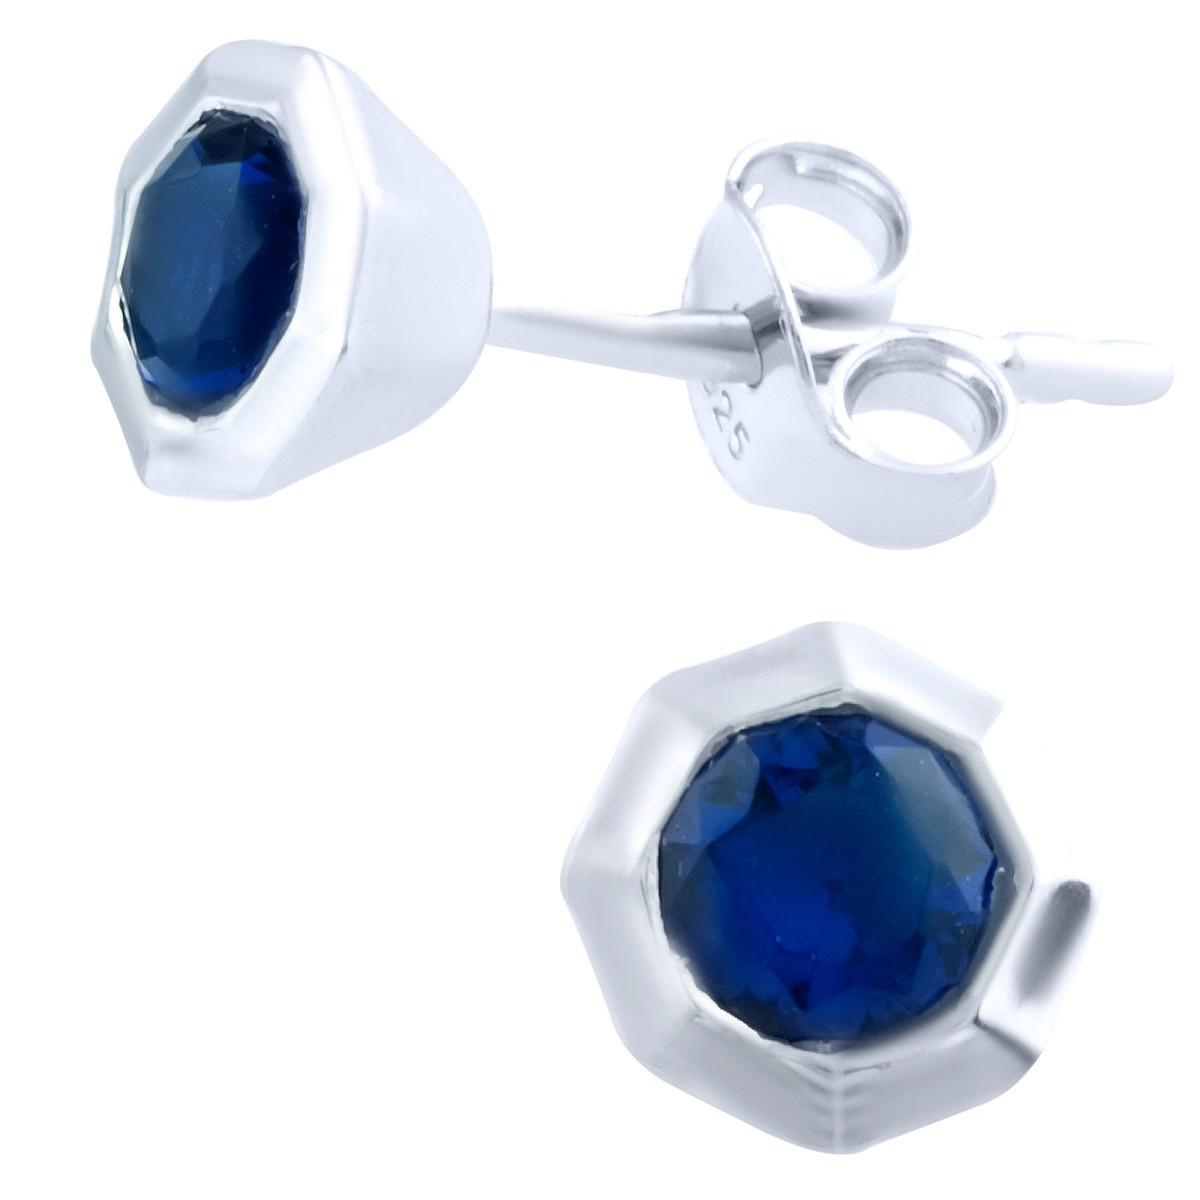 Серебряные серьги DreamJewelry с сапфиром nano (1764527)